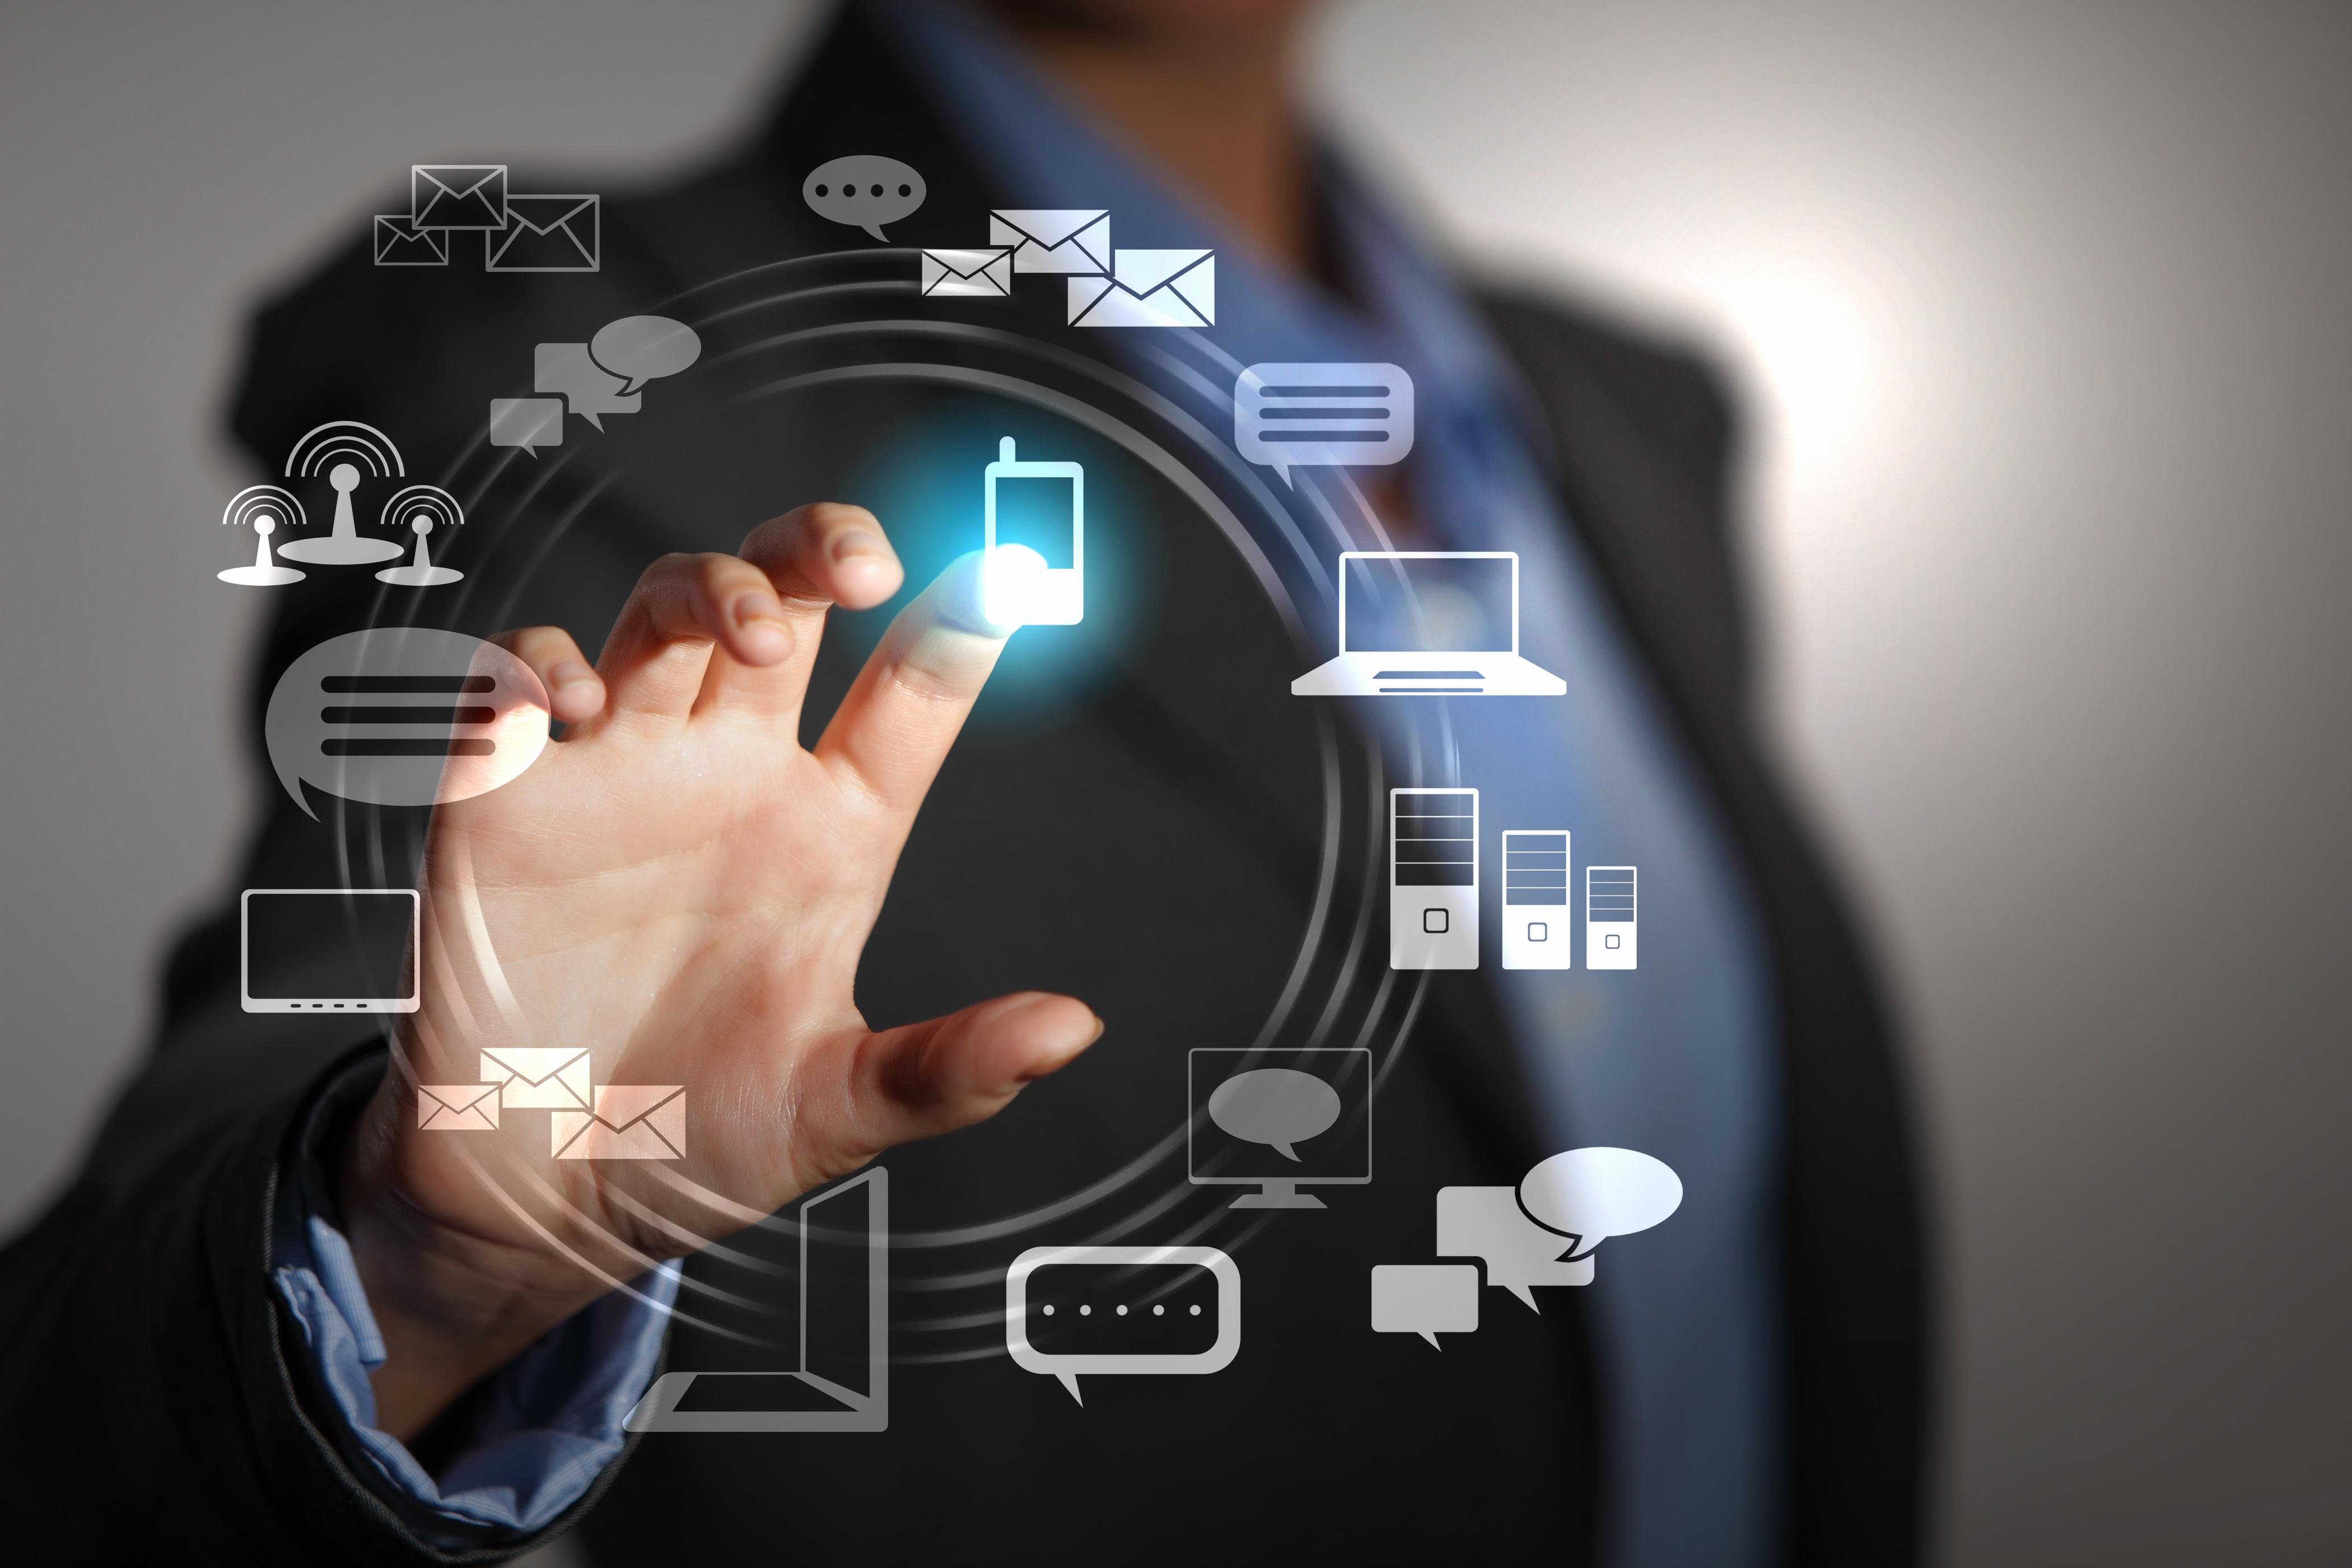 Cloud Drive Storage Solves Cloud Management